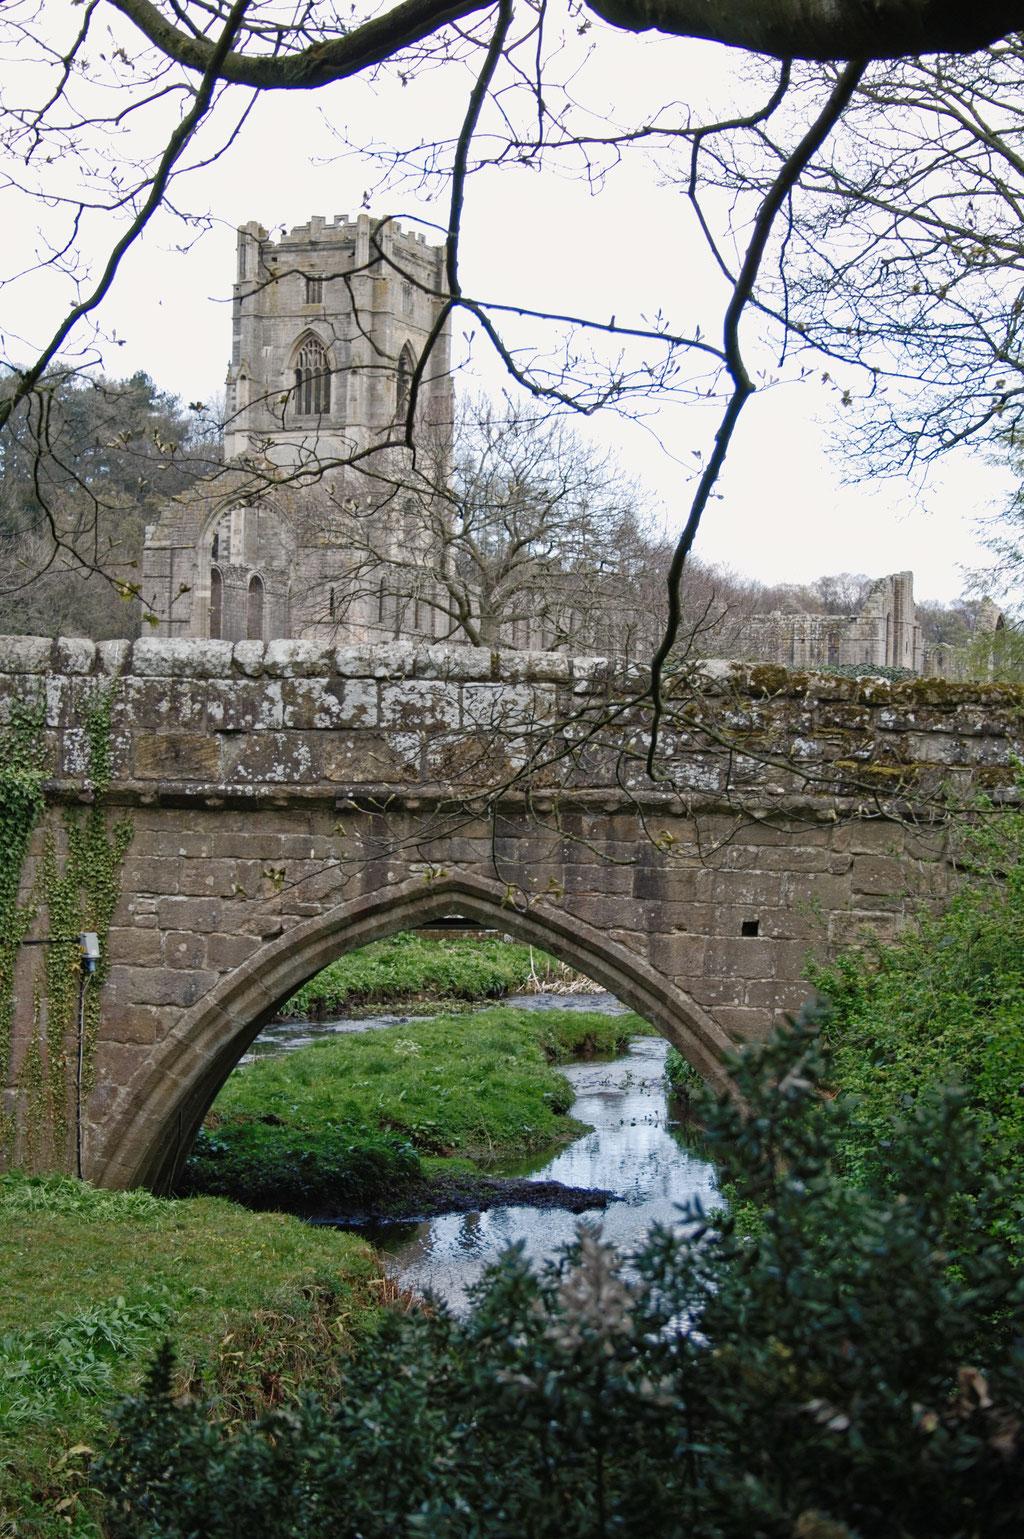 Die Ruinen der Fountains Abbey - Fluß und Brücke - Zebraspider DIY Anti-Fashion Blog